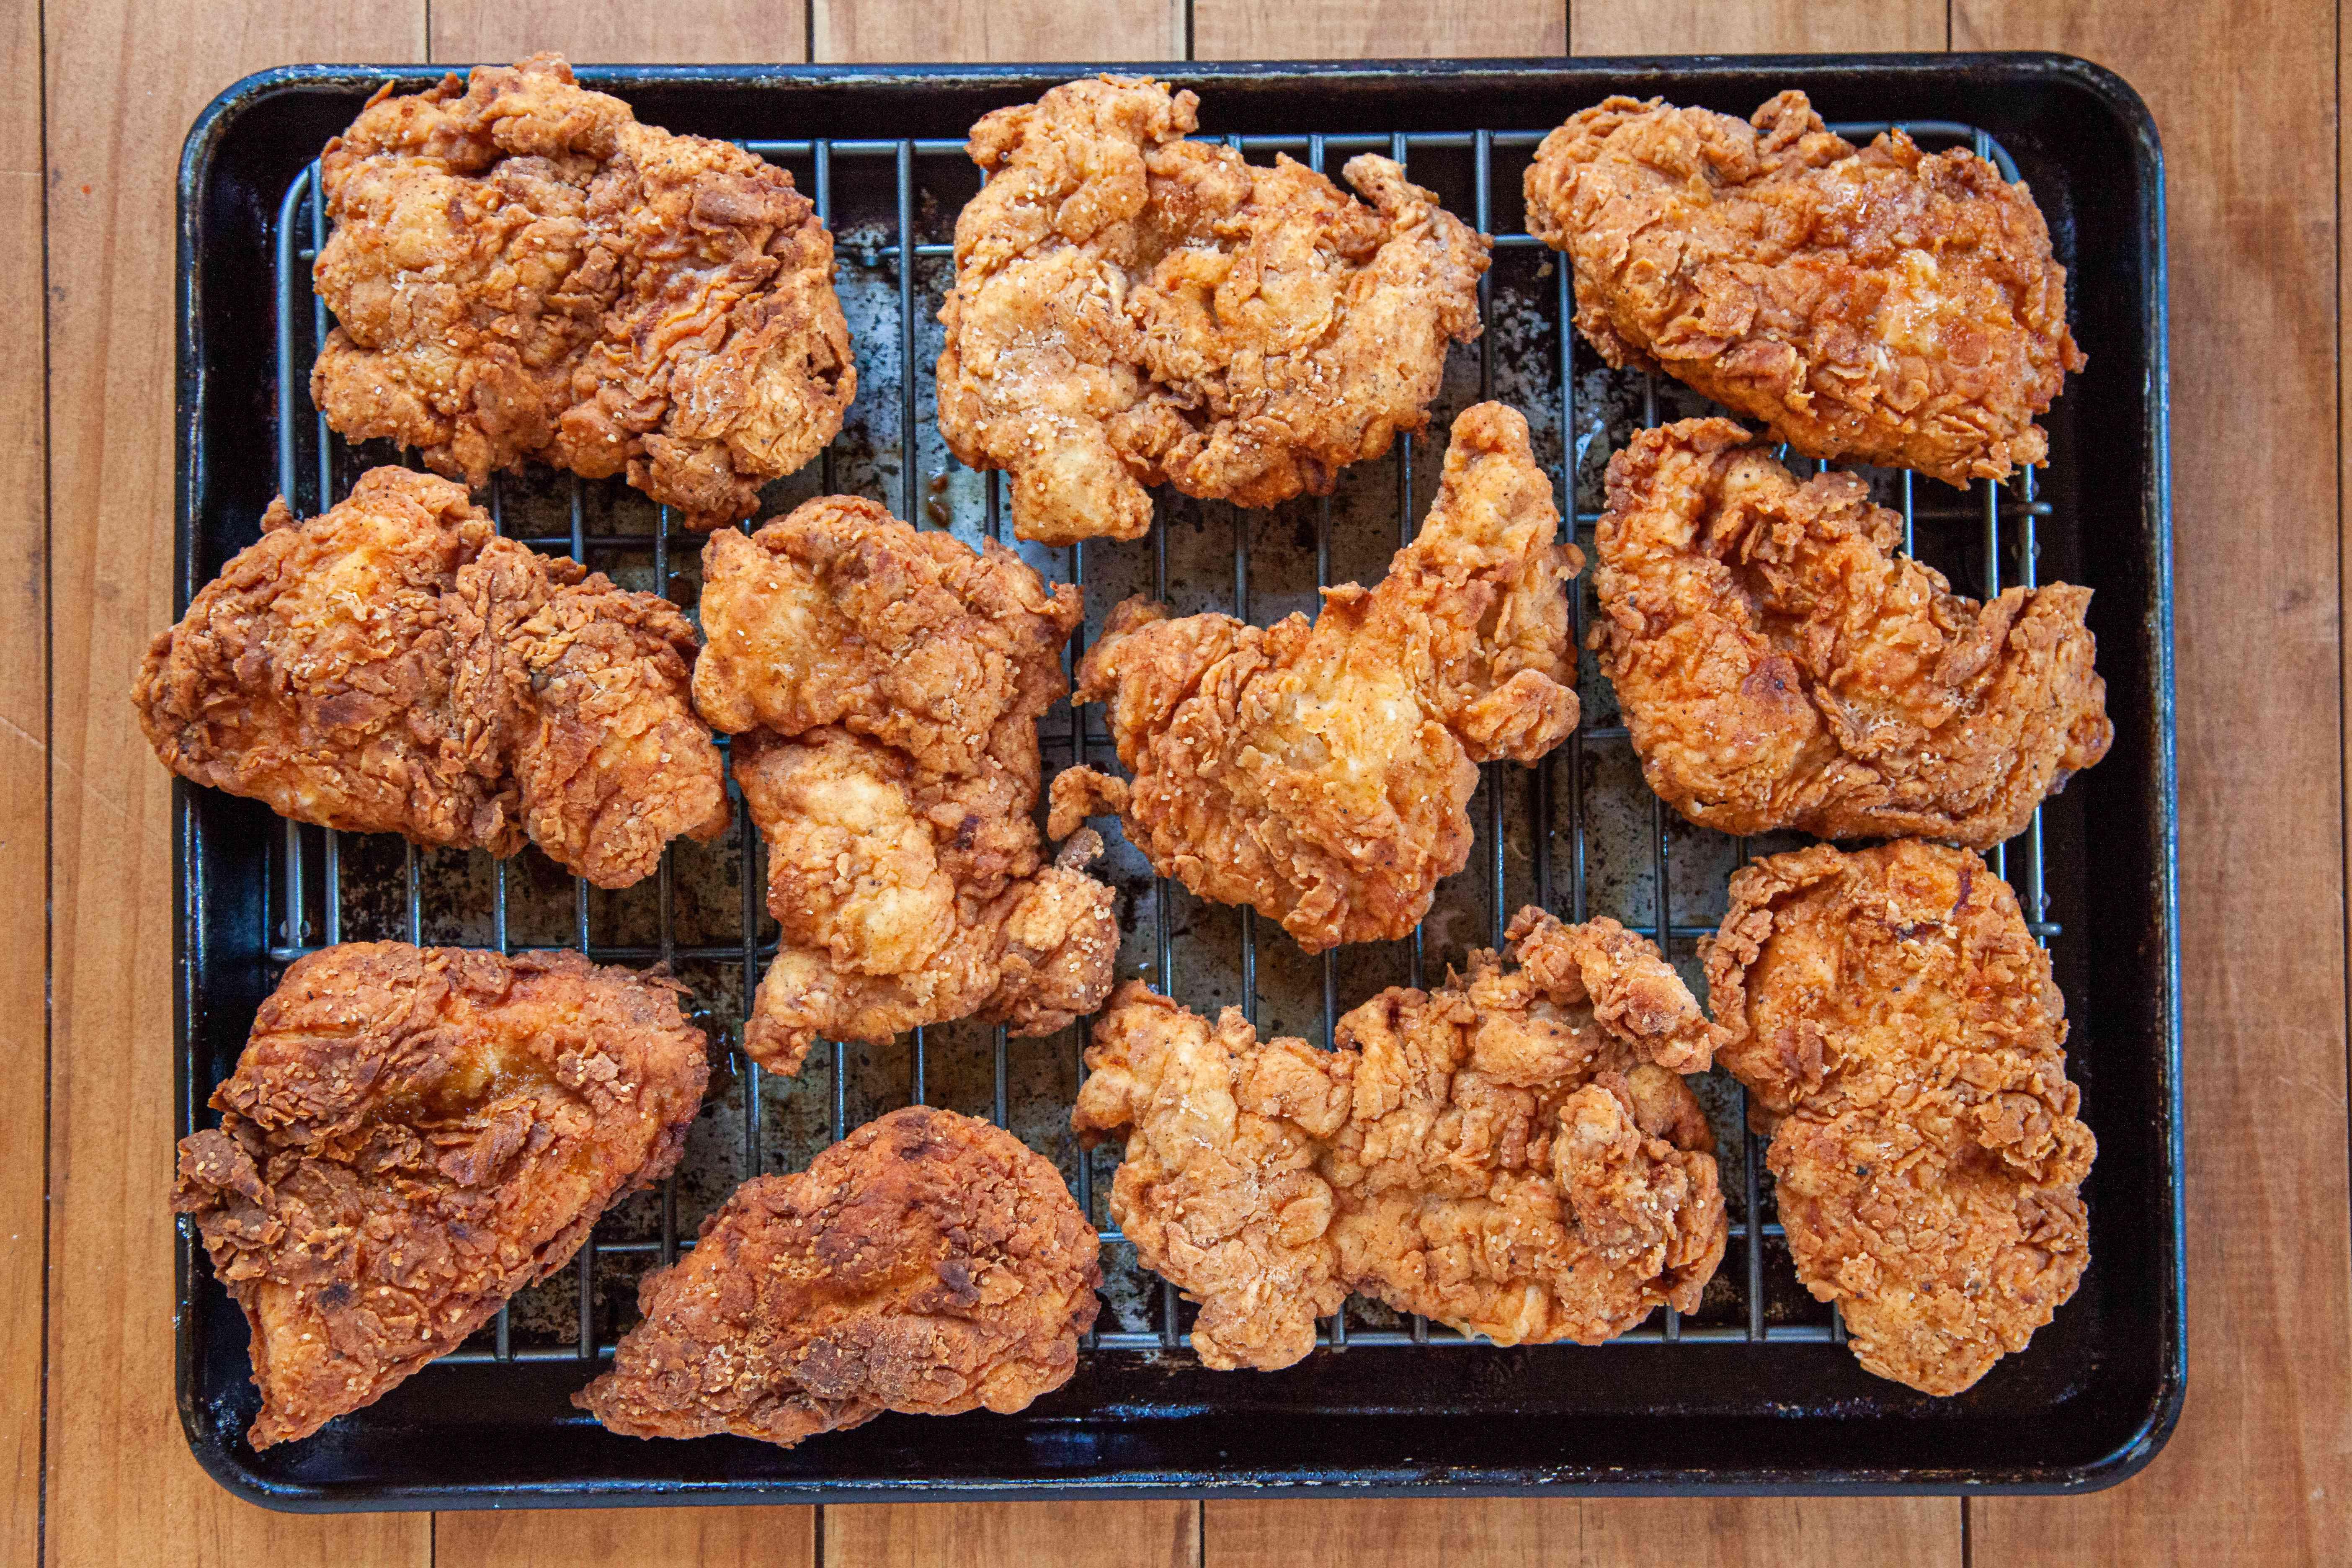 Best Nashville hot chicken set on a cooling rack.